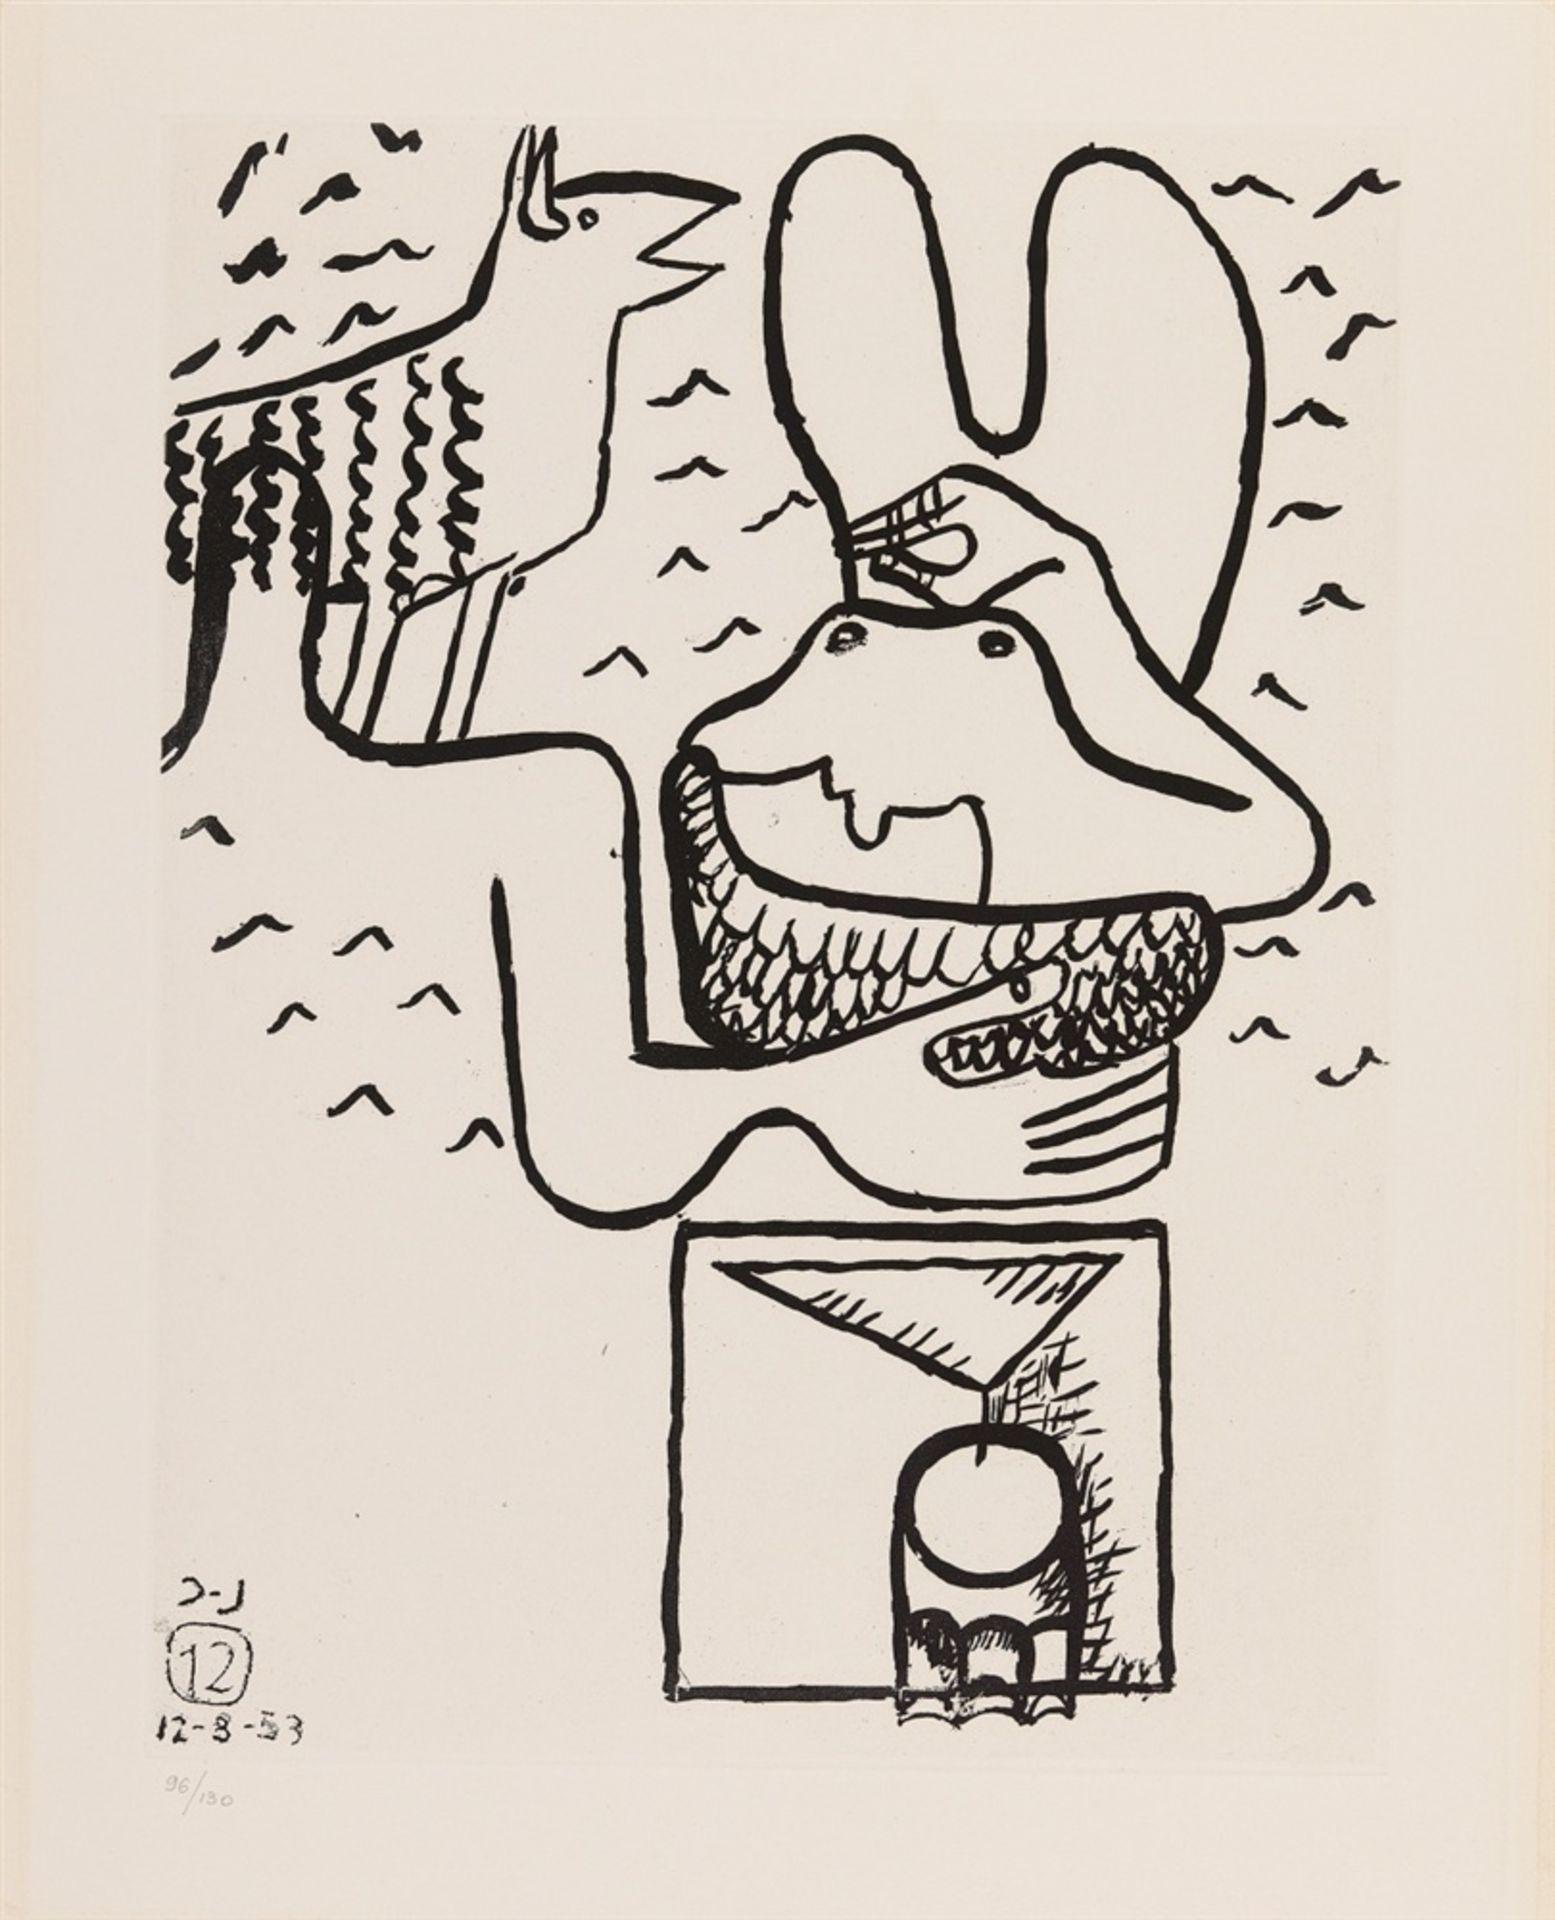 Le Corbusier (Charles-Édouard Jeanneret)Unité - Bild 17 aus 27